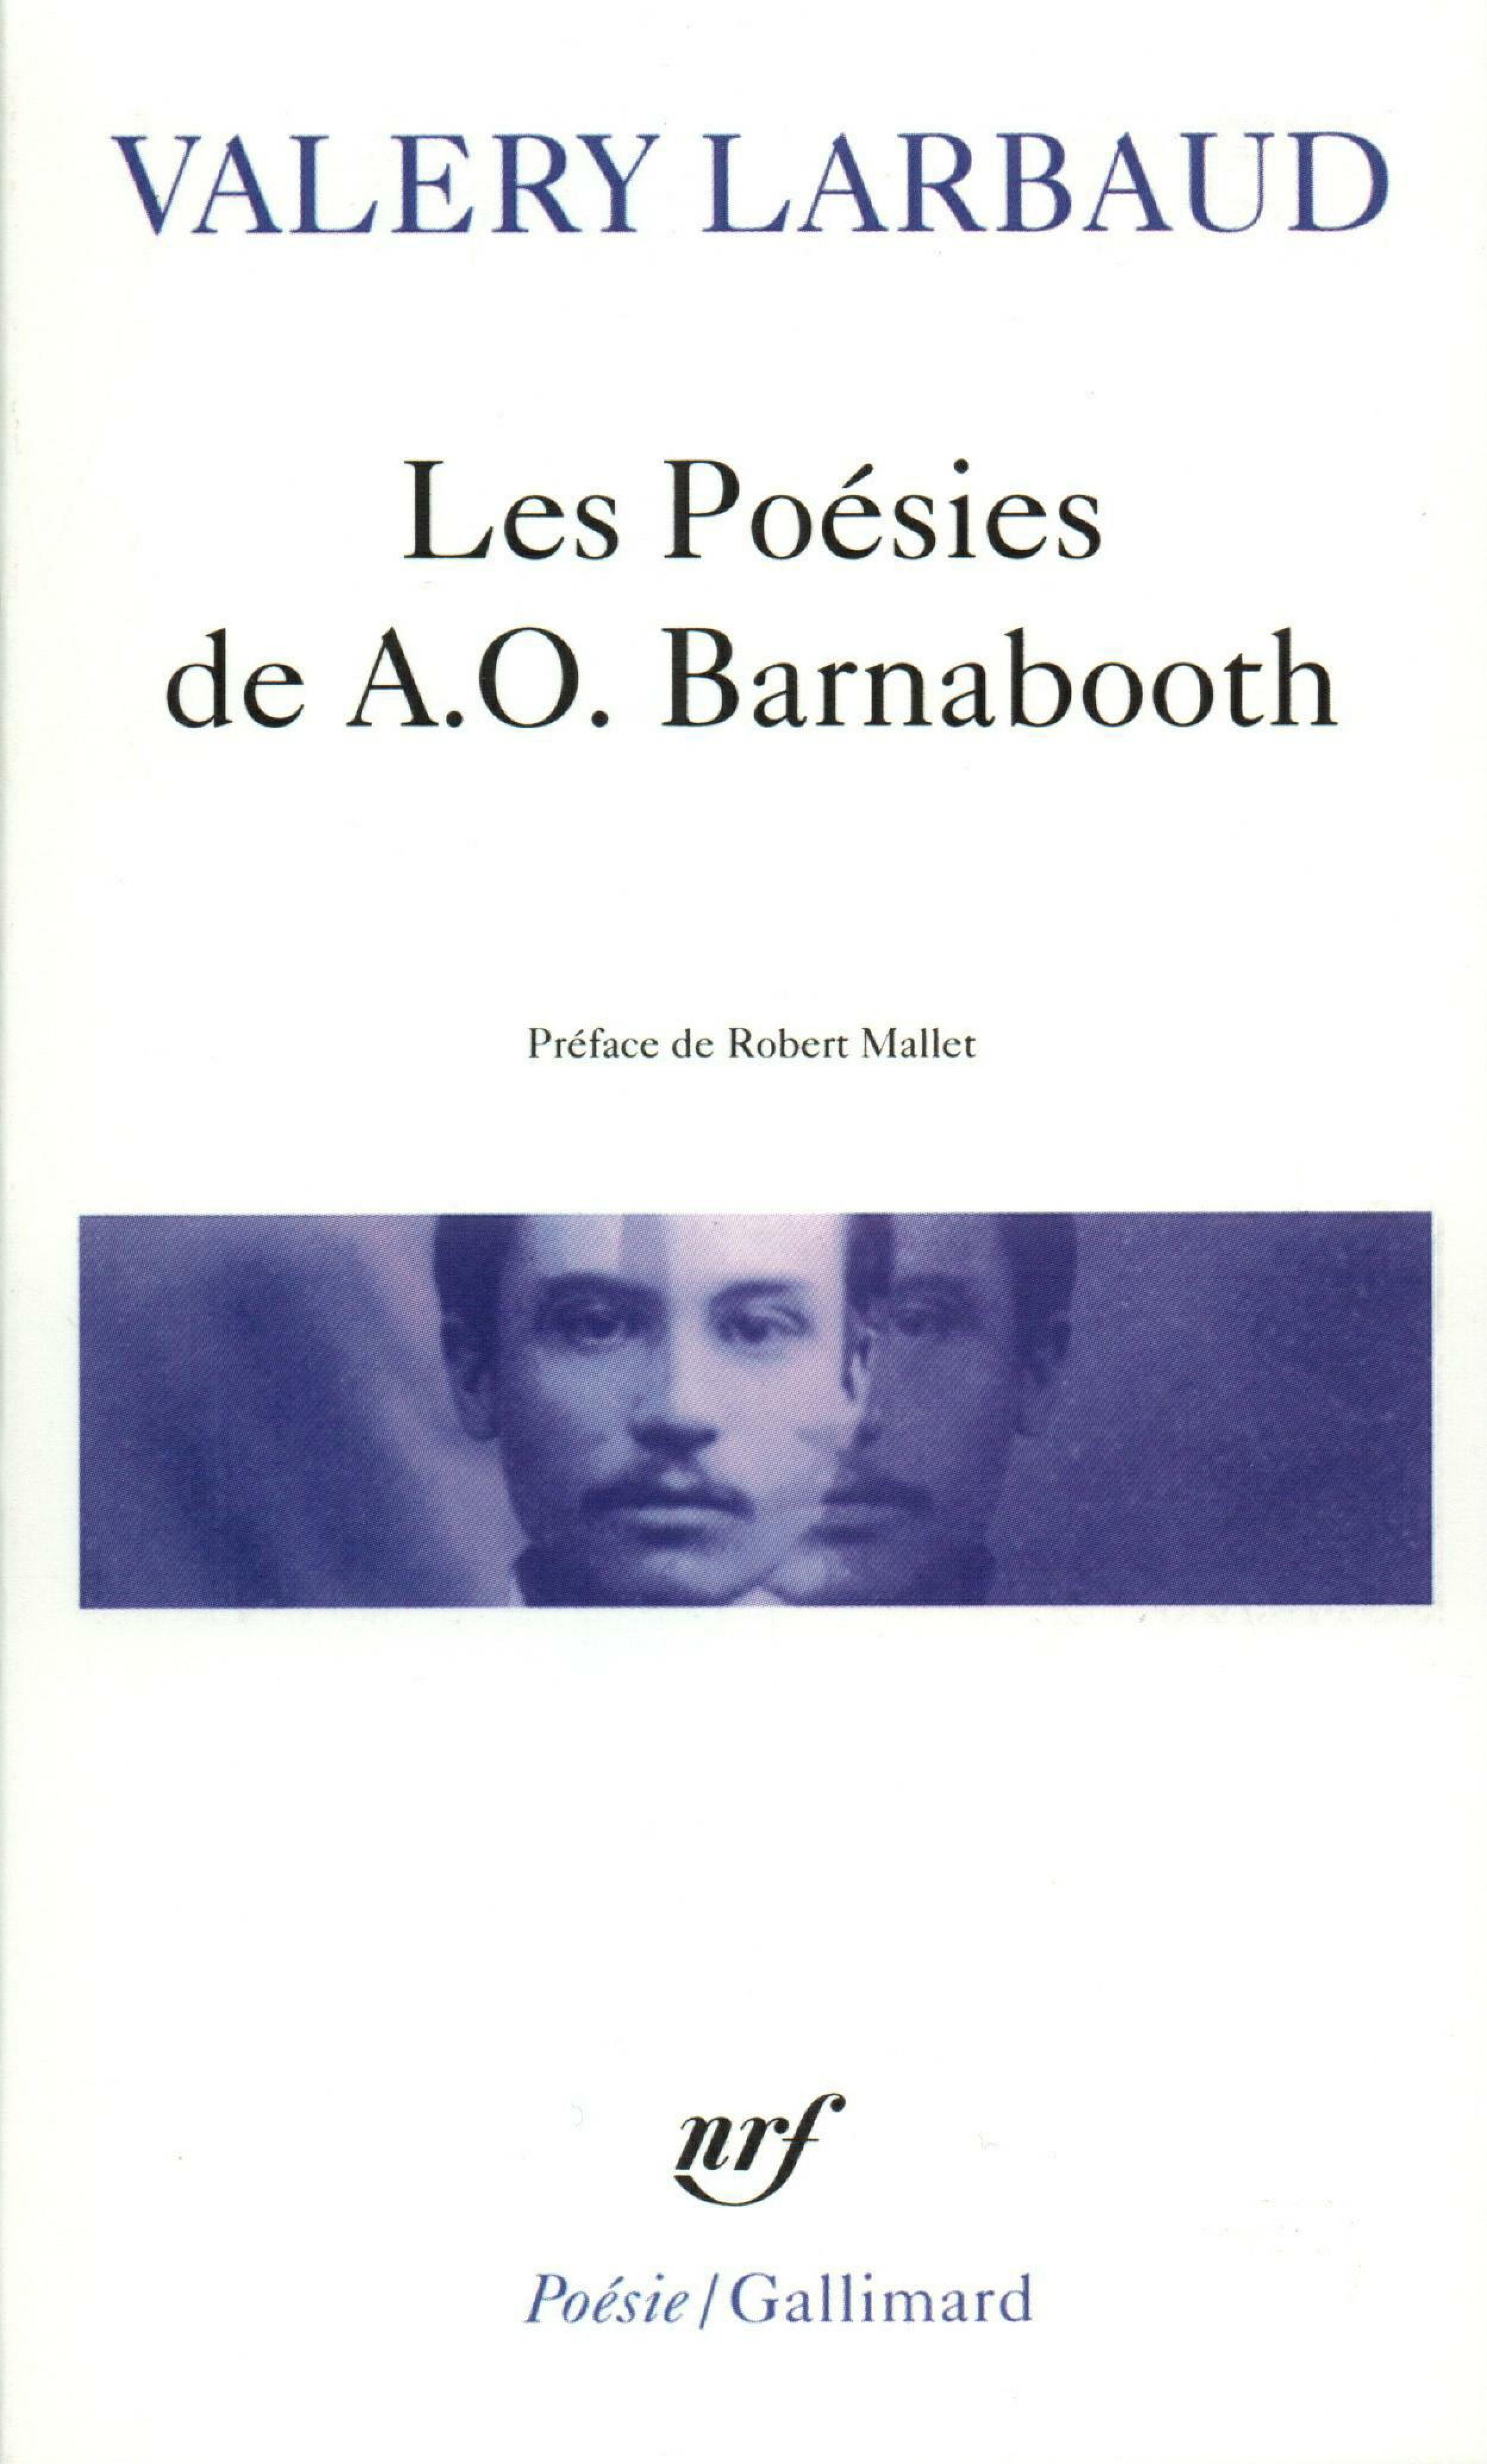 Les Poésies de A.O. Barnabooth / Poésies diverses